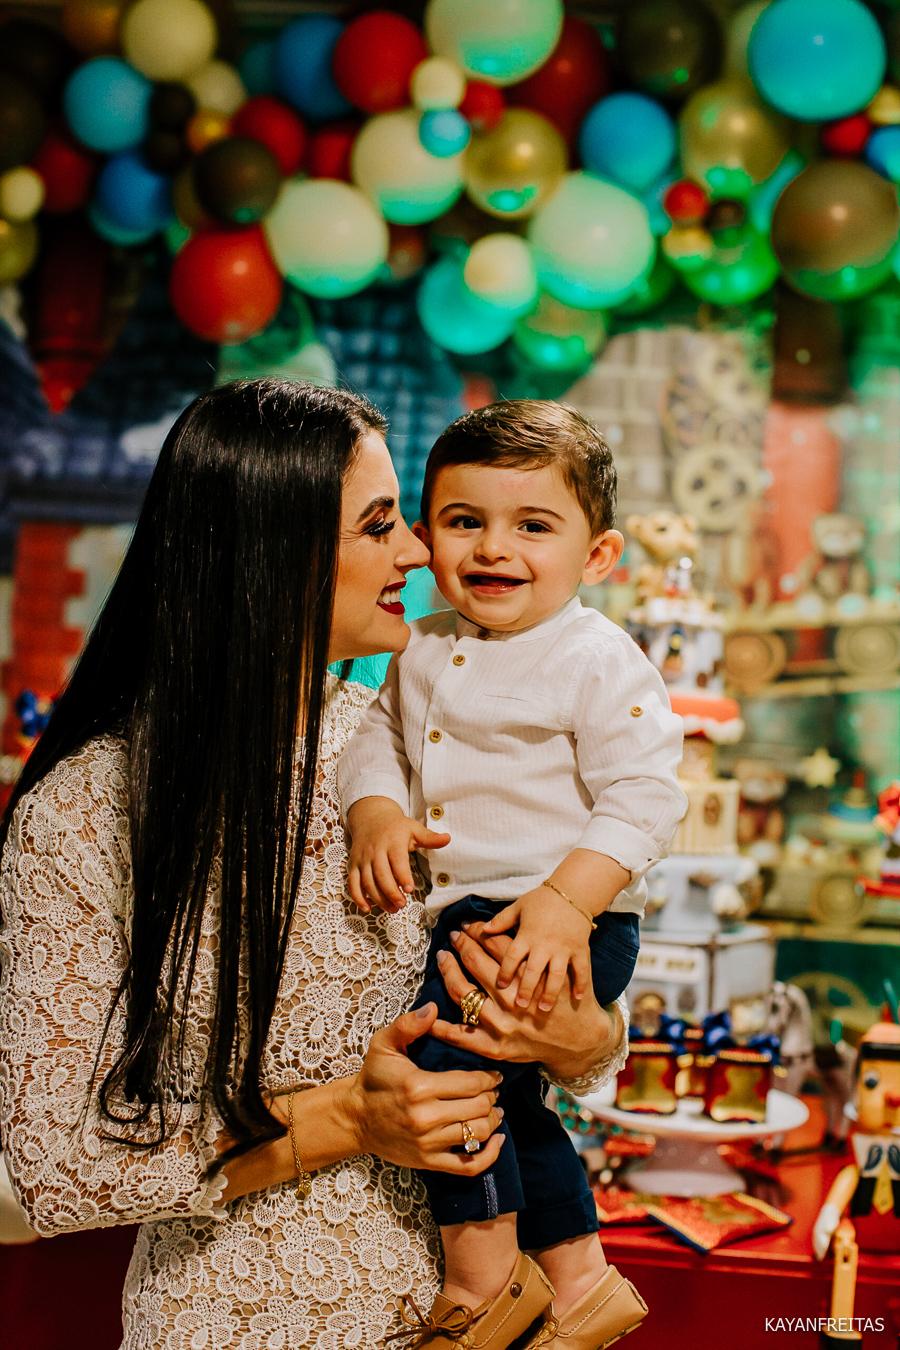 aniversario-infantil-vicente-0025 Aniversário de 1 ano em São José - Vicente